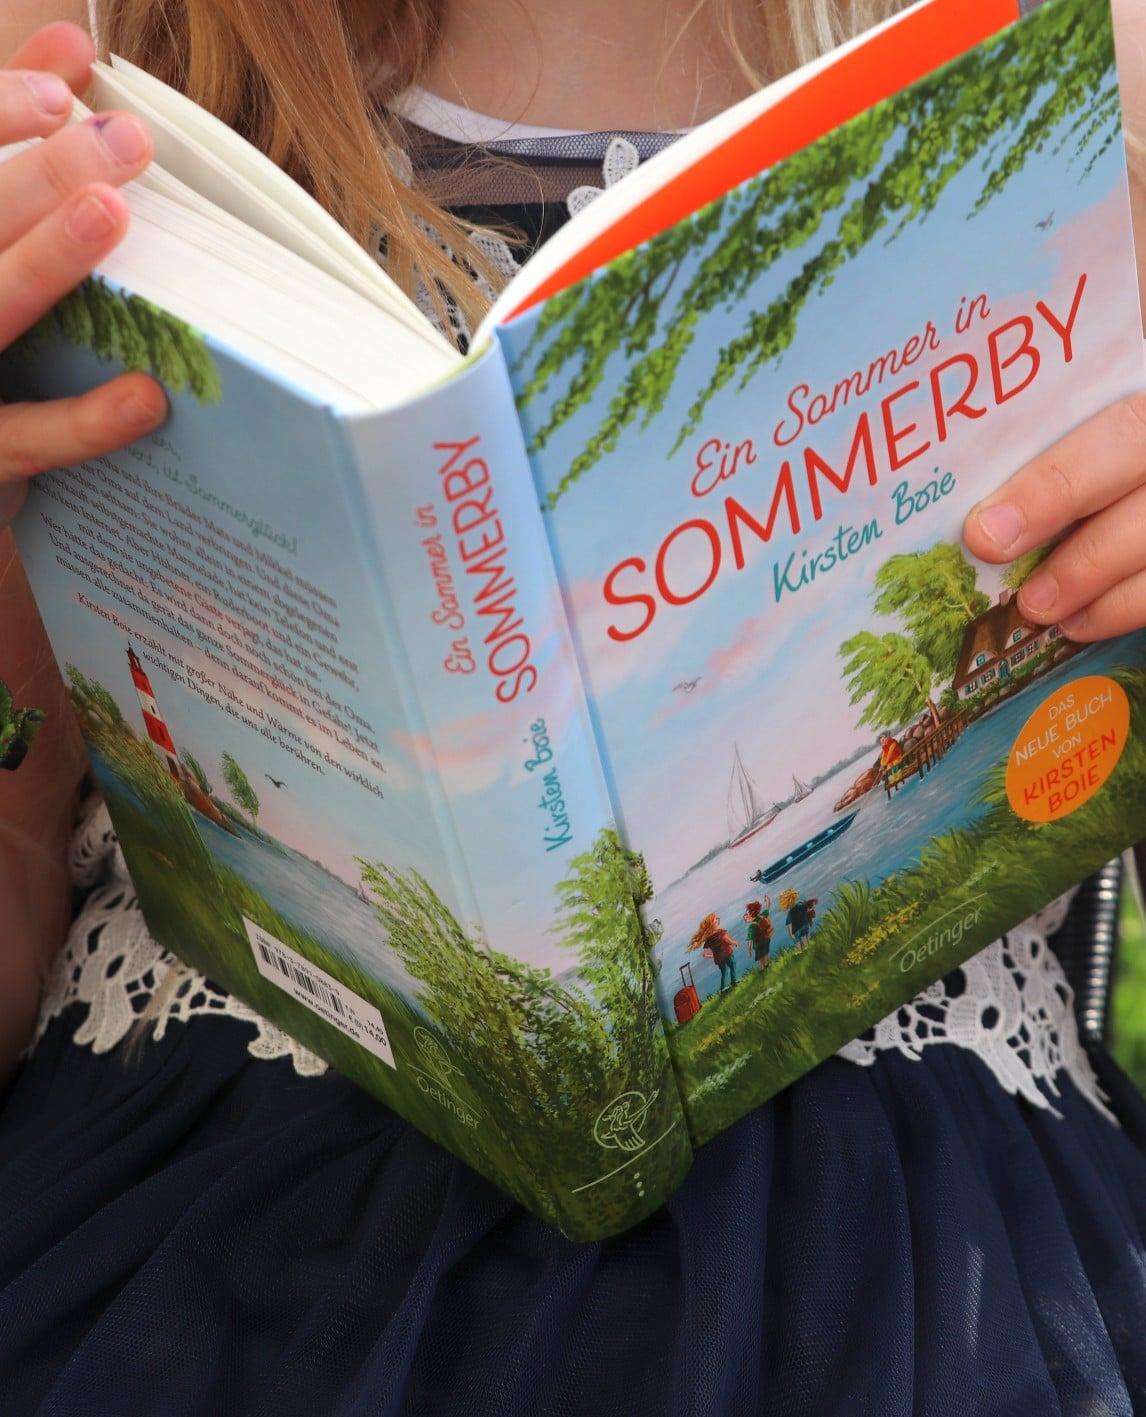 Sommerby Kirsten Boie